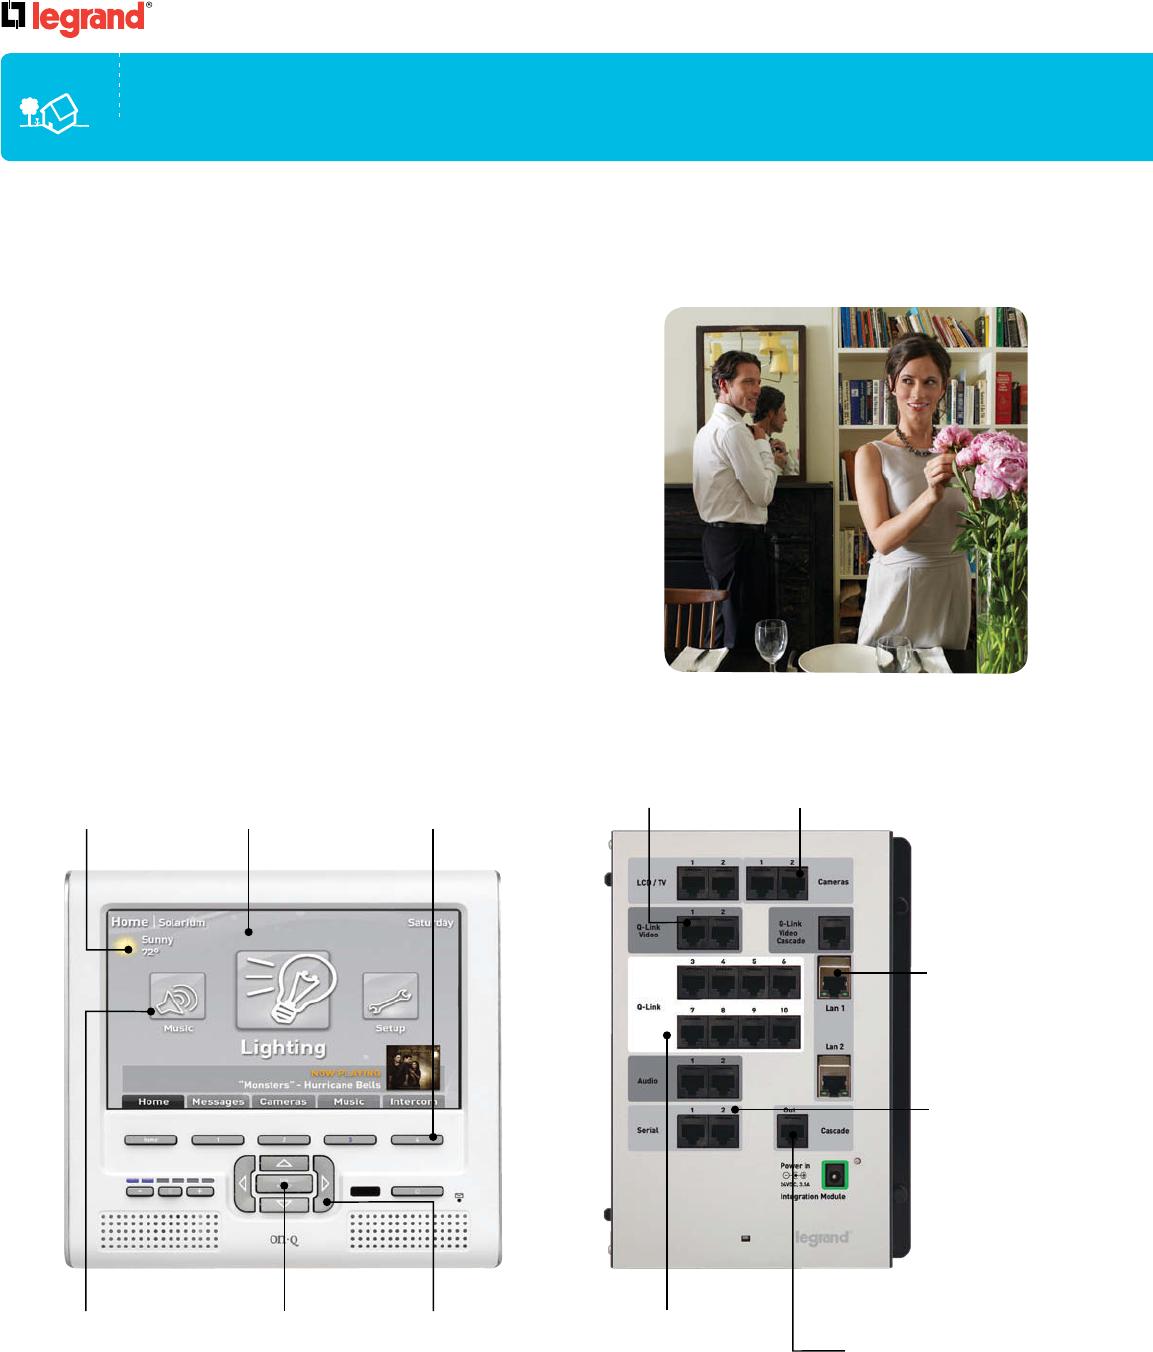 onq selective call intercom manual